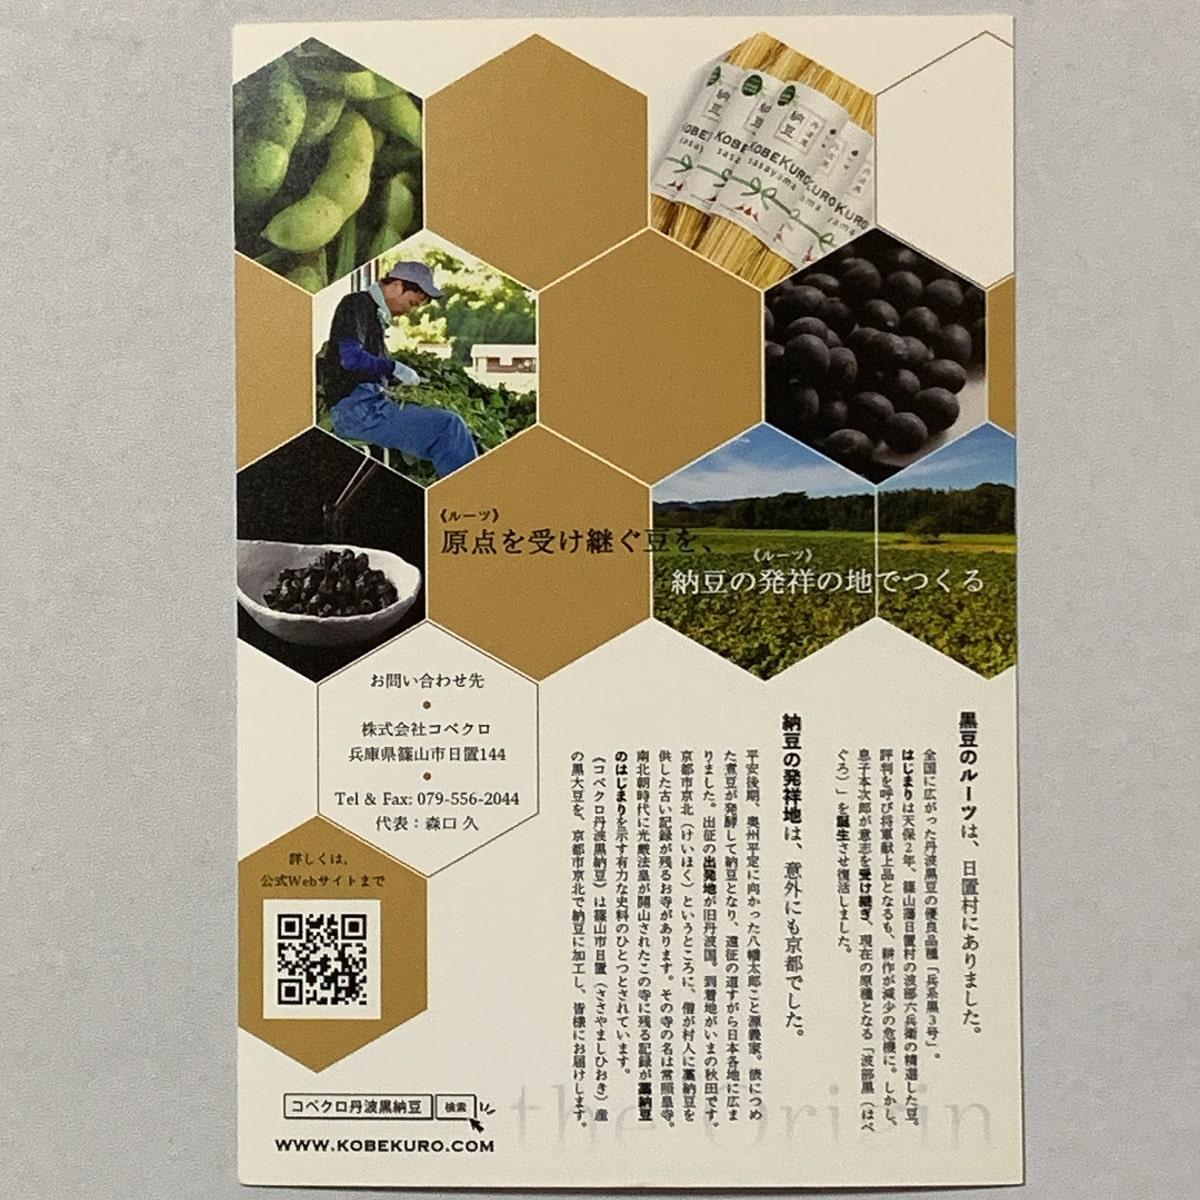 「丹波黒納豆」の情報が書かれたカードの裏面の画像